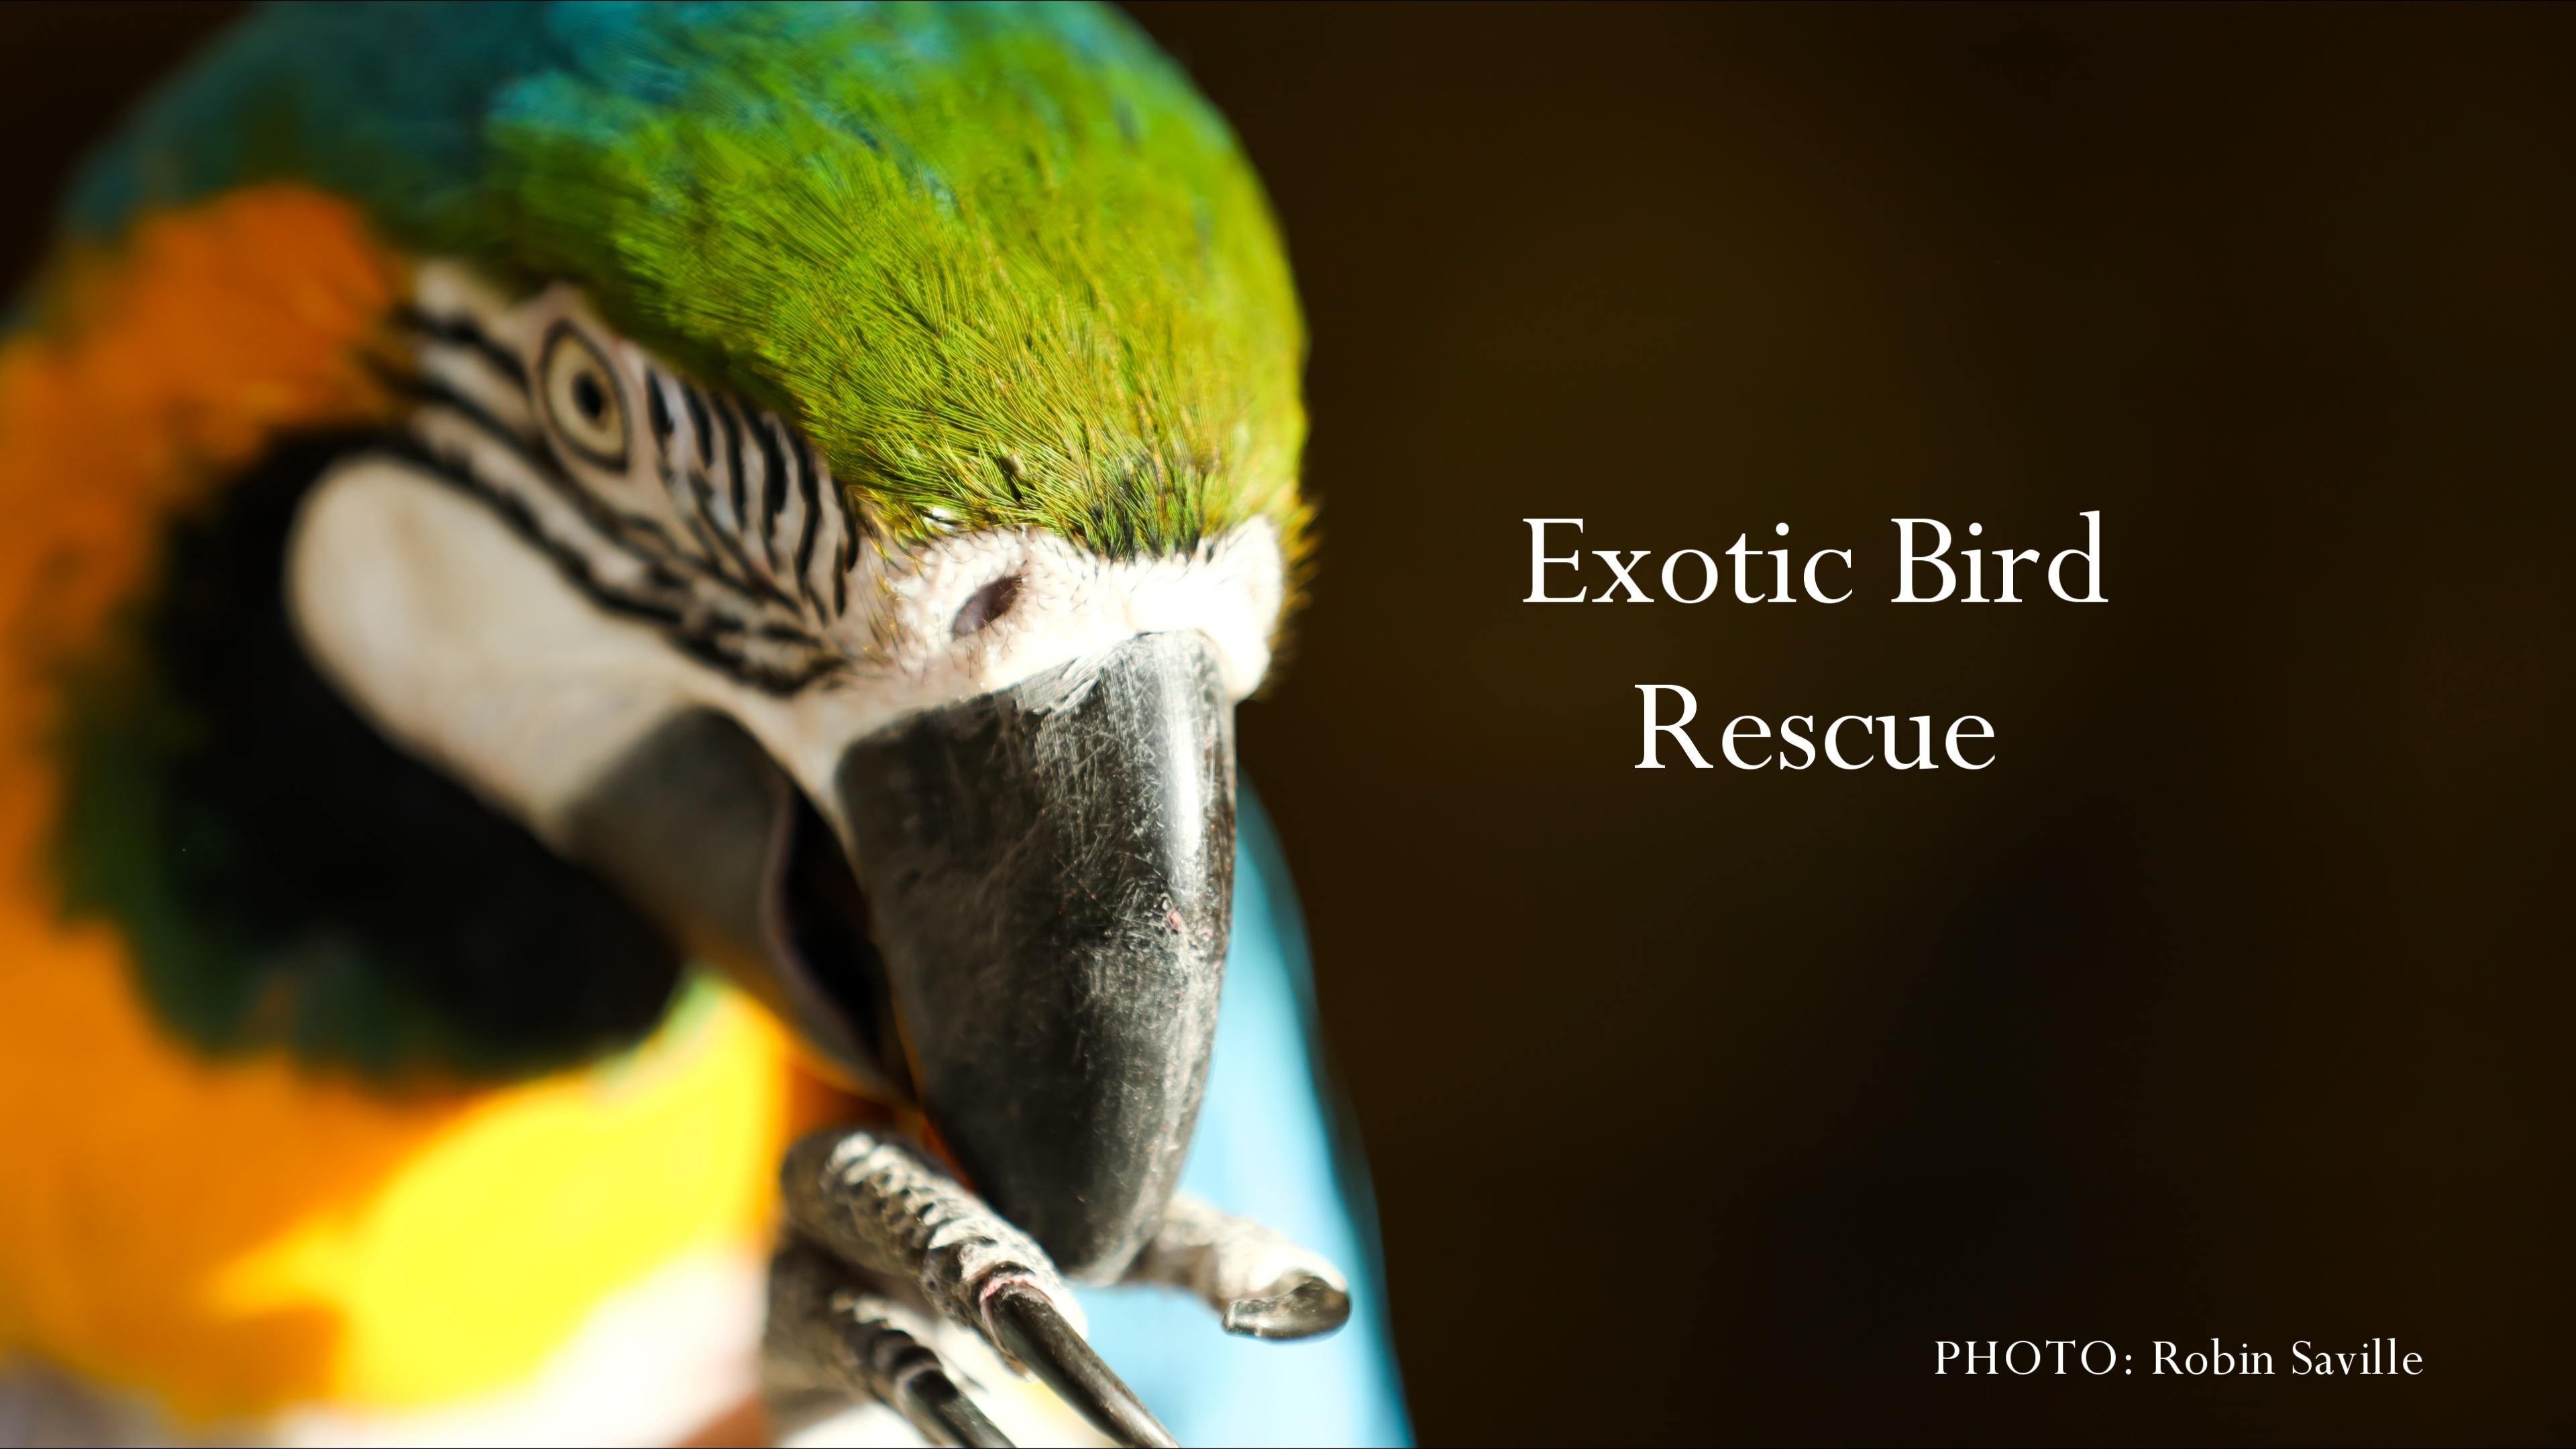 Exotic Bird Rescue